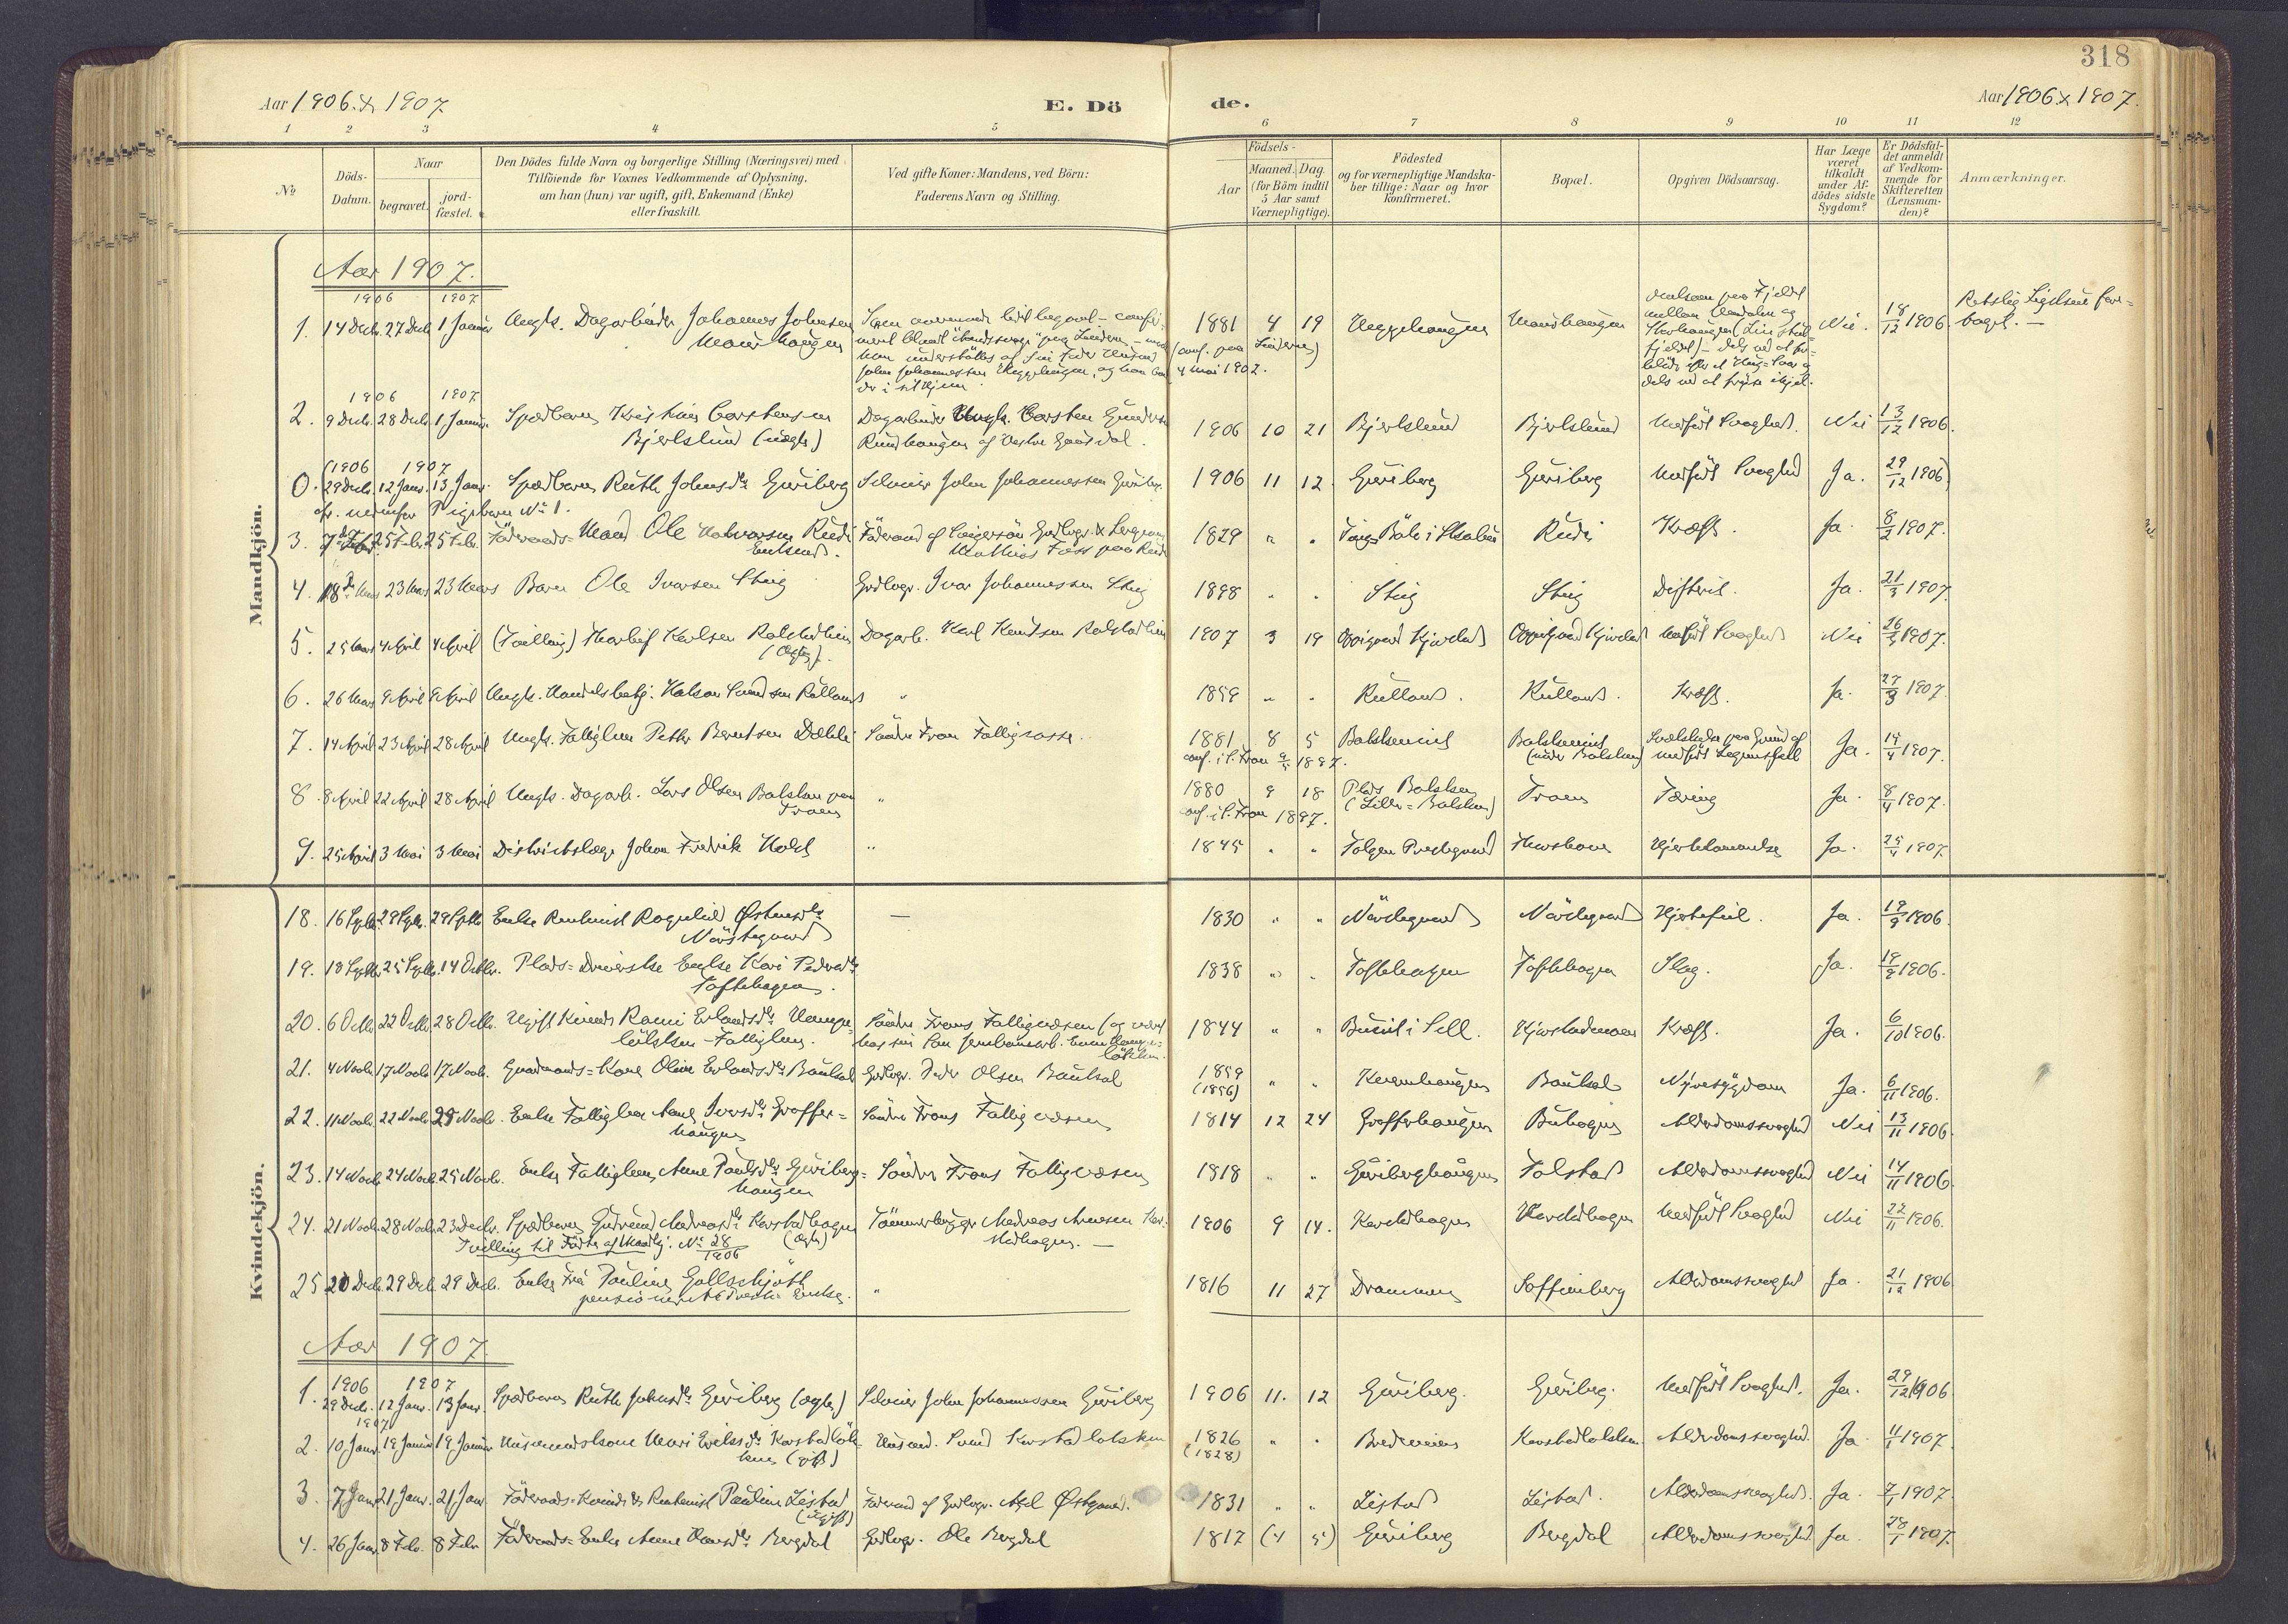 SAH, Sør-Fron prestekontor, H/Ha/Haa/L0004: Ministerialbok nr. 4, 1898-1919, s. 318